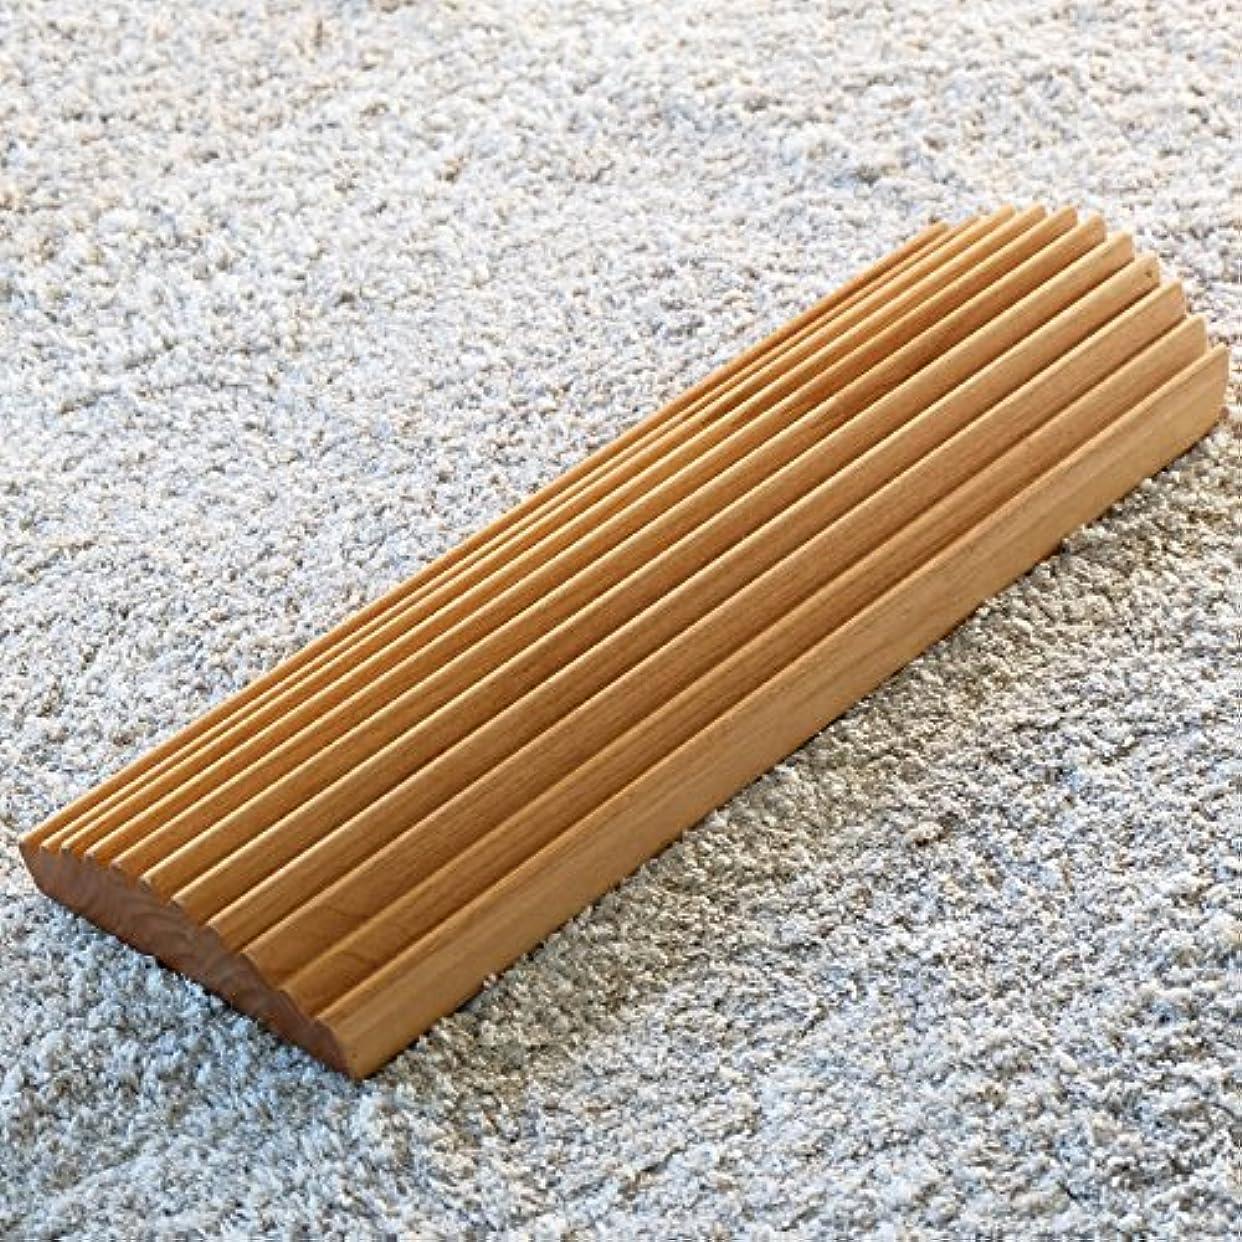 ヤング経営者形成ISSEIKI 足踏み アルダー材 幅40cm FIT ASIFUMI 40 (NA) フットケア 木製 おしゃれ プレゼント 指圧代用 FIT ASIFUMI 40 (AL-NA)